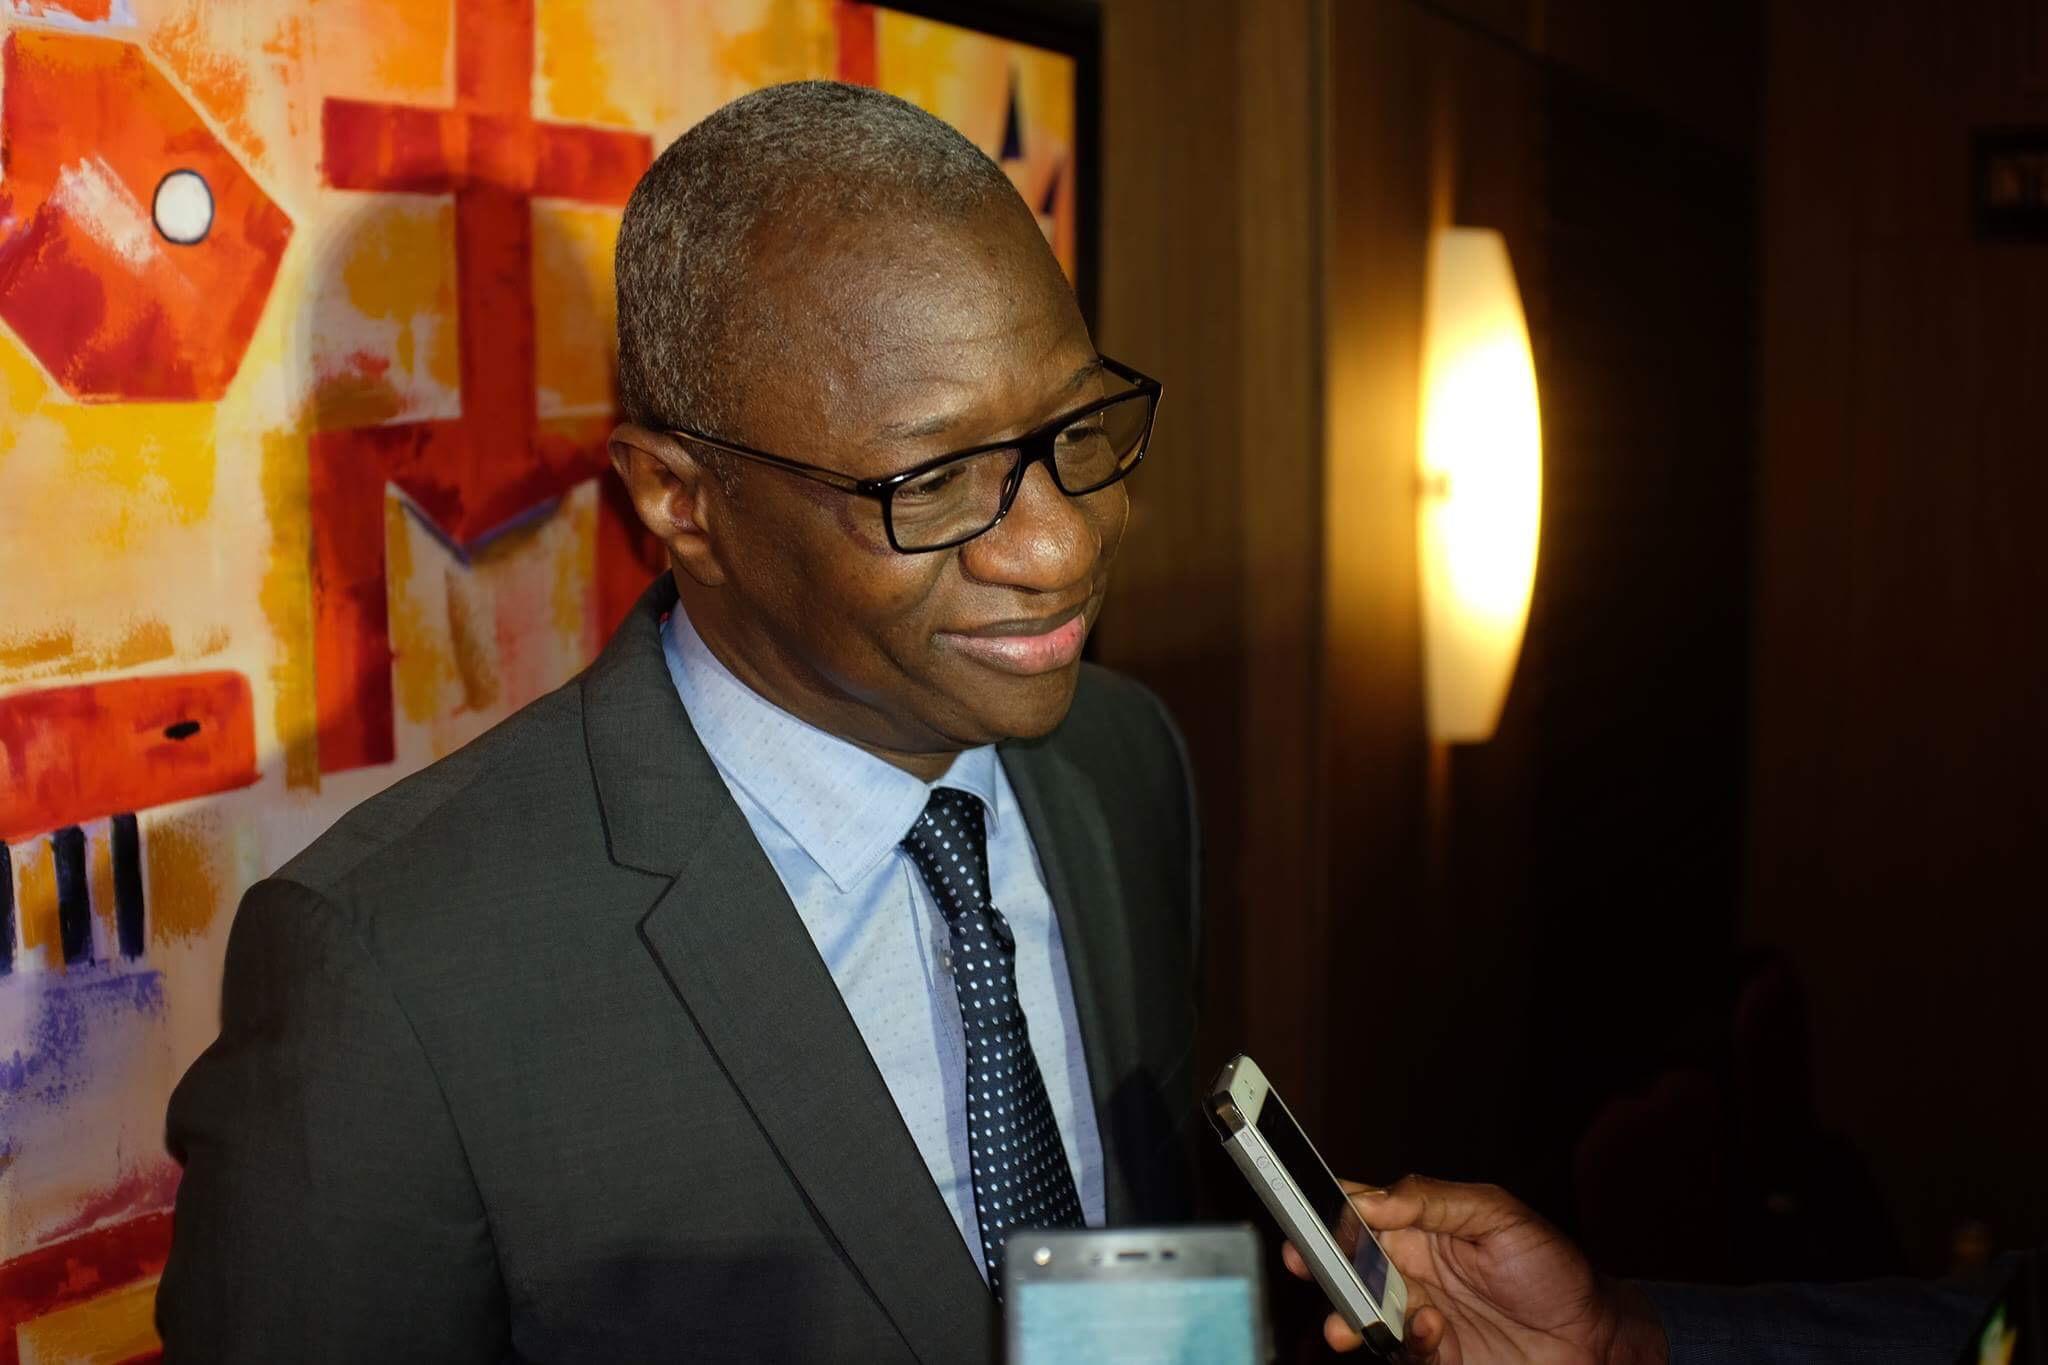 Me Mamadou Ismaël Konaté, ancien ministre de la justice : « les juges, tant que vous n'êtes pas juges, l'argent public souffrira ; les faibles supporteront la violence du fort… »